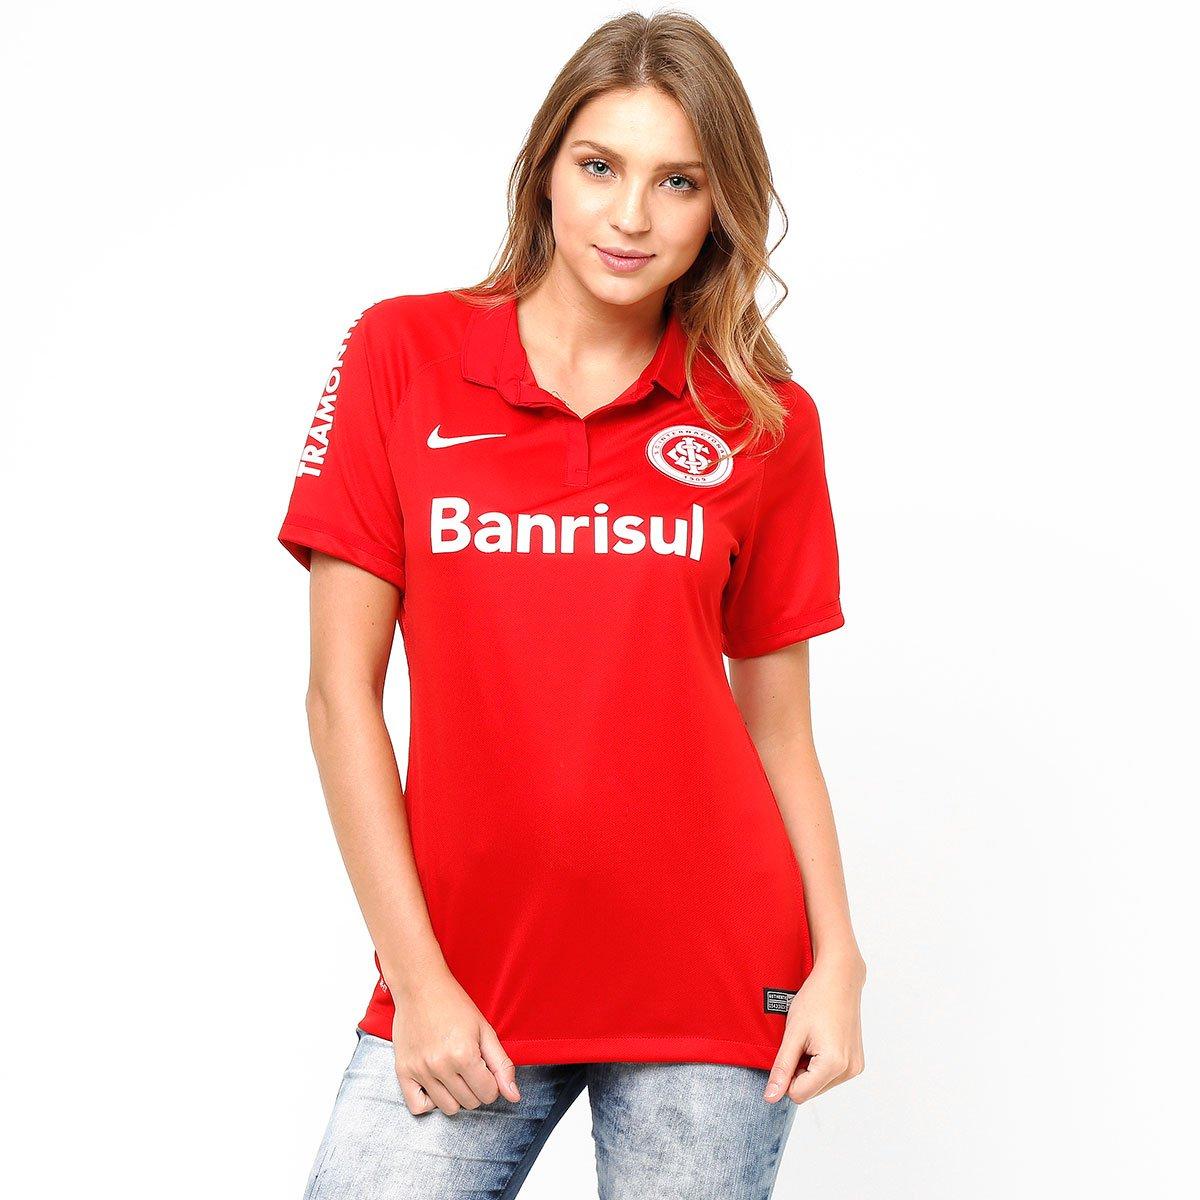 Camisa Internacional I 15 16 s nº - Torcedor Nike Feminina - Compre Agora  3452a3e0ae3ae